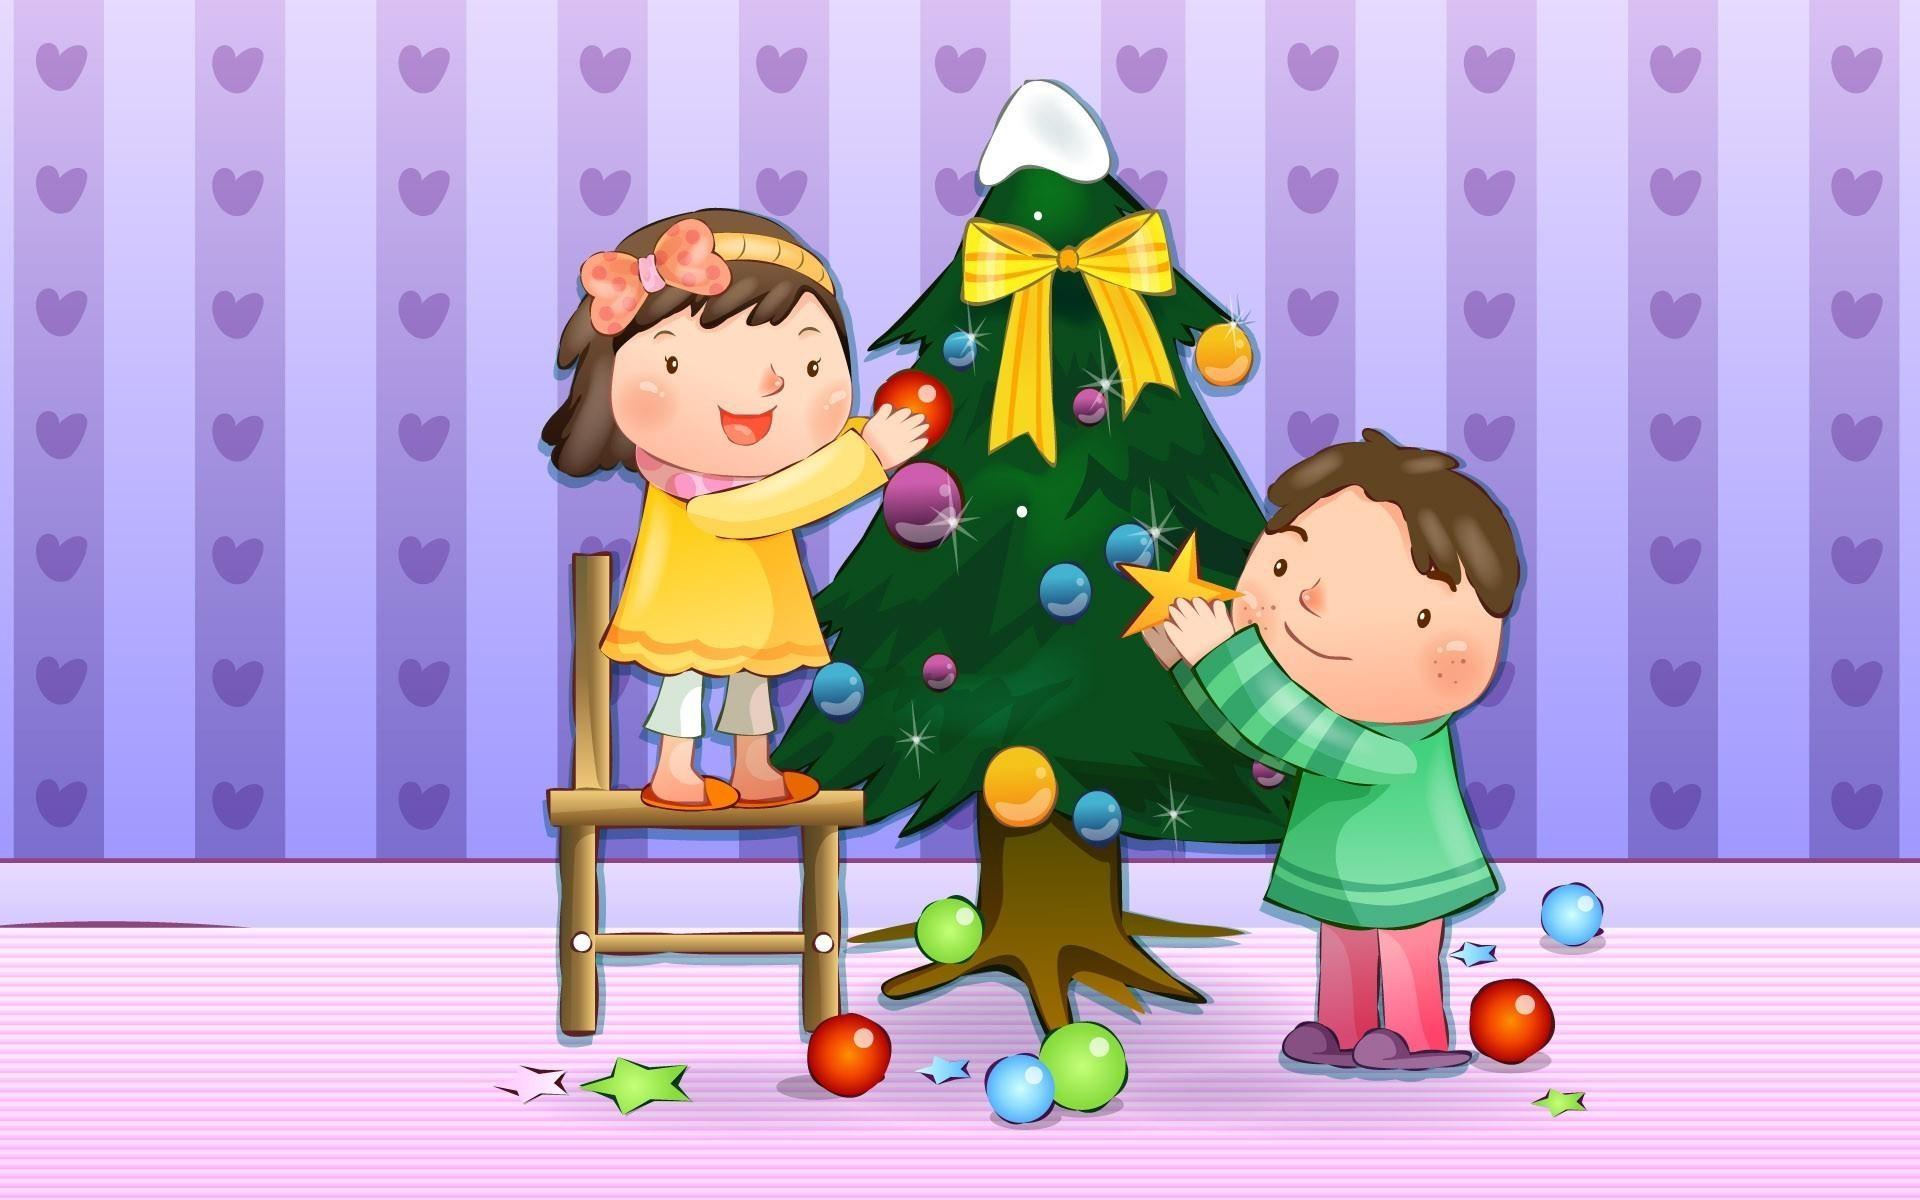 Fondos para niños en Navidad - 1920x1200